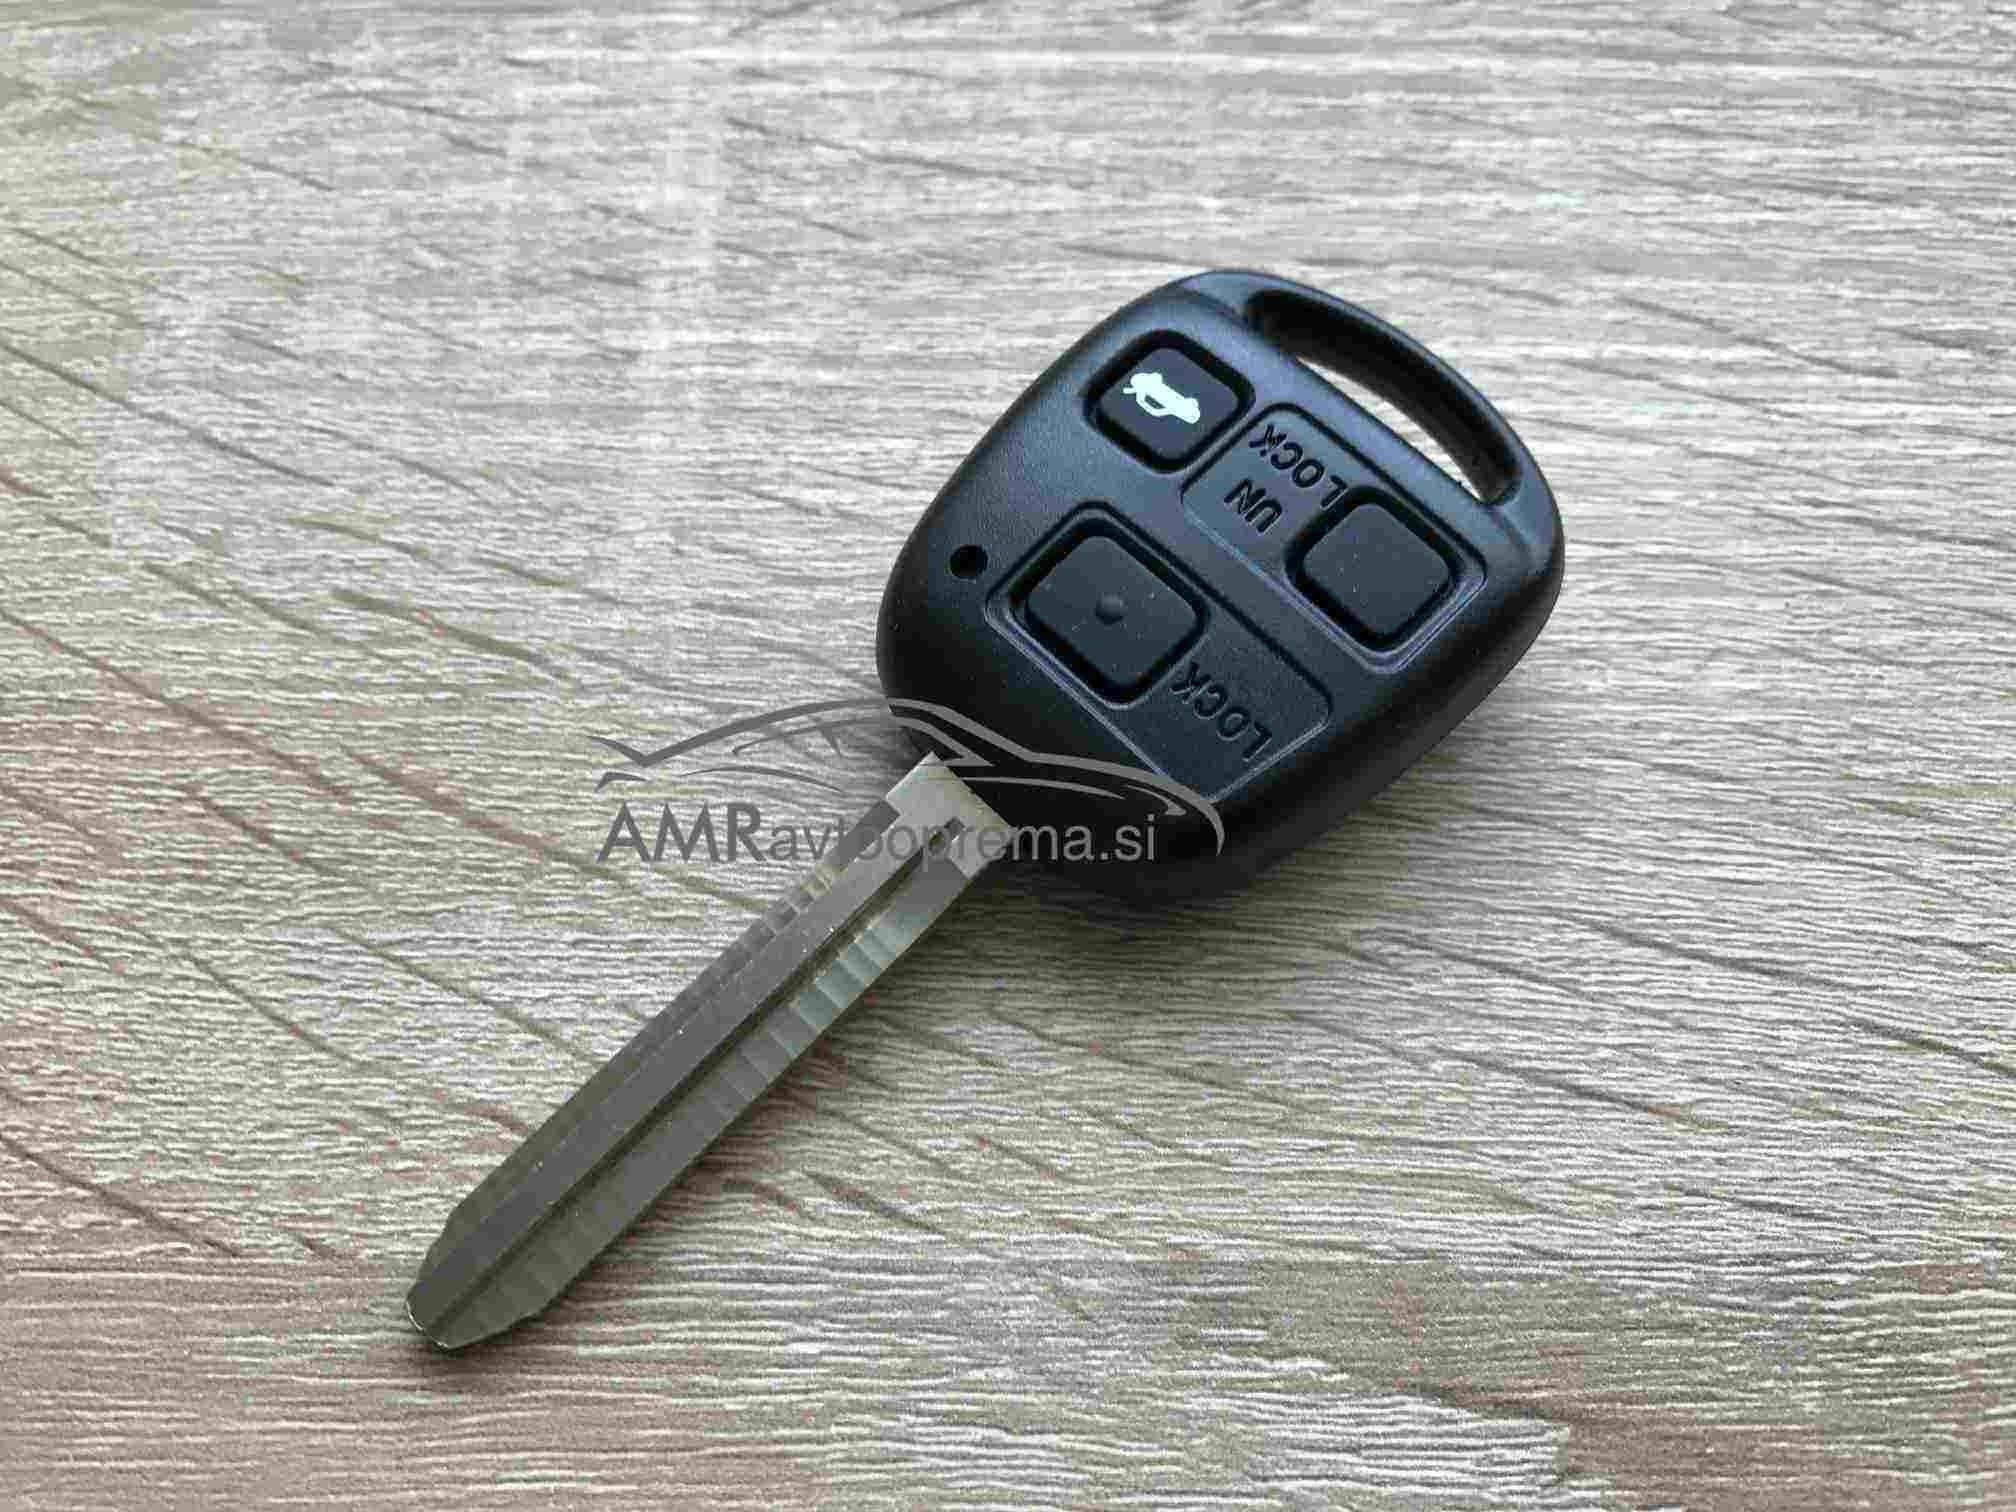 Ohišje za ključe Toyota s tremi gumbi